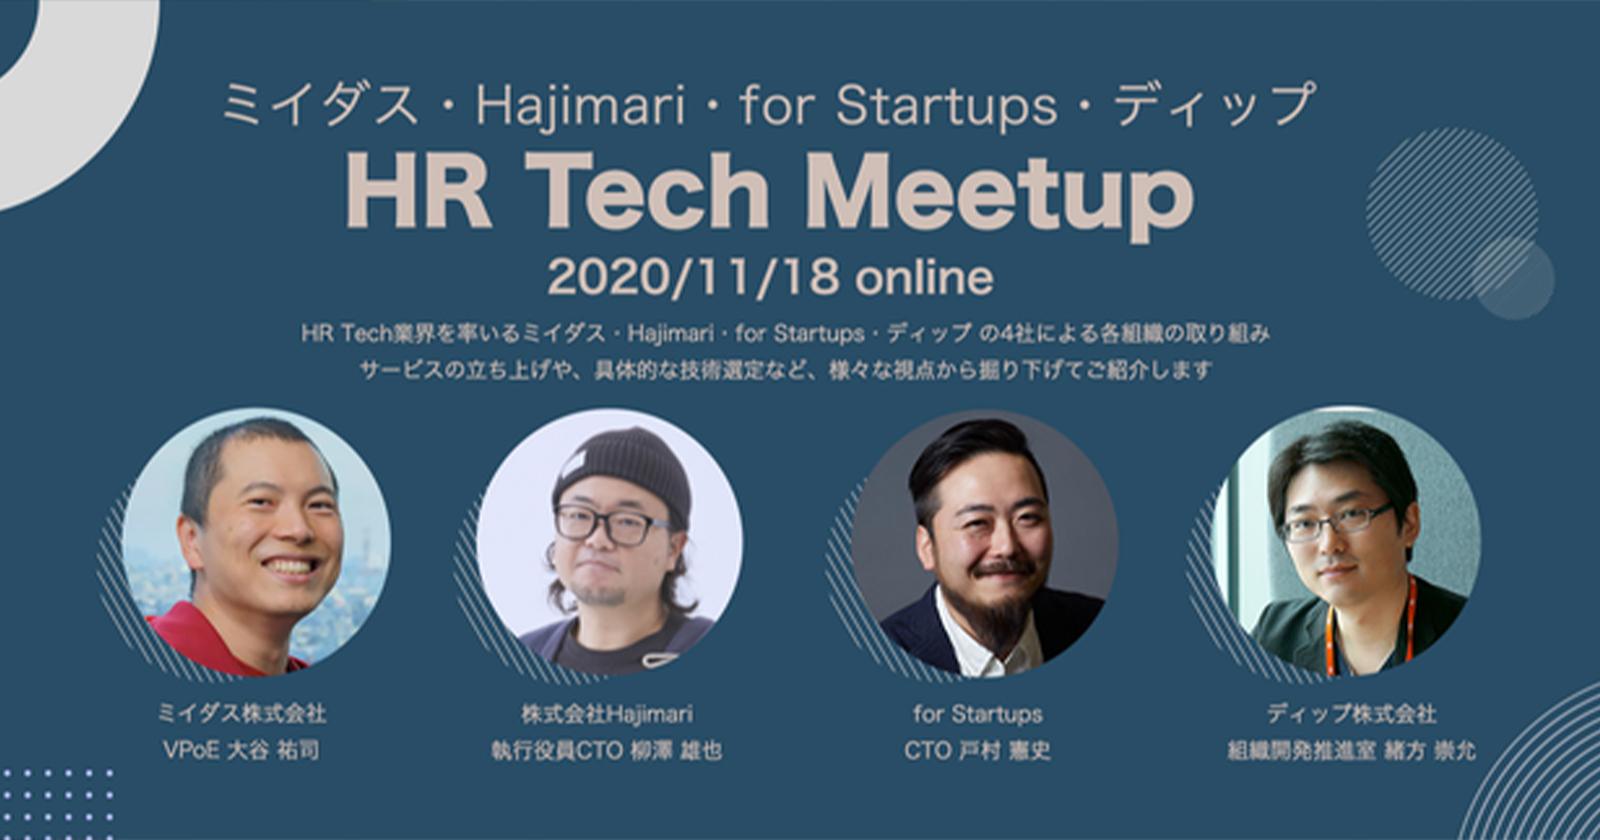 【イベント:4社合同】ミイダス・Hajimari・for Startups・ディップ HR Tech Meetup